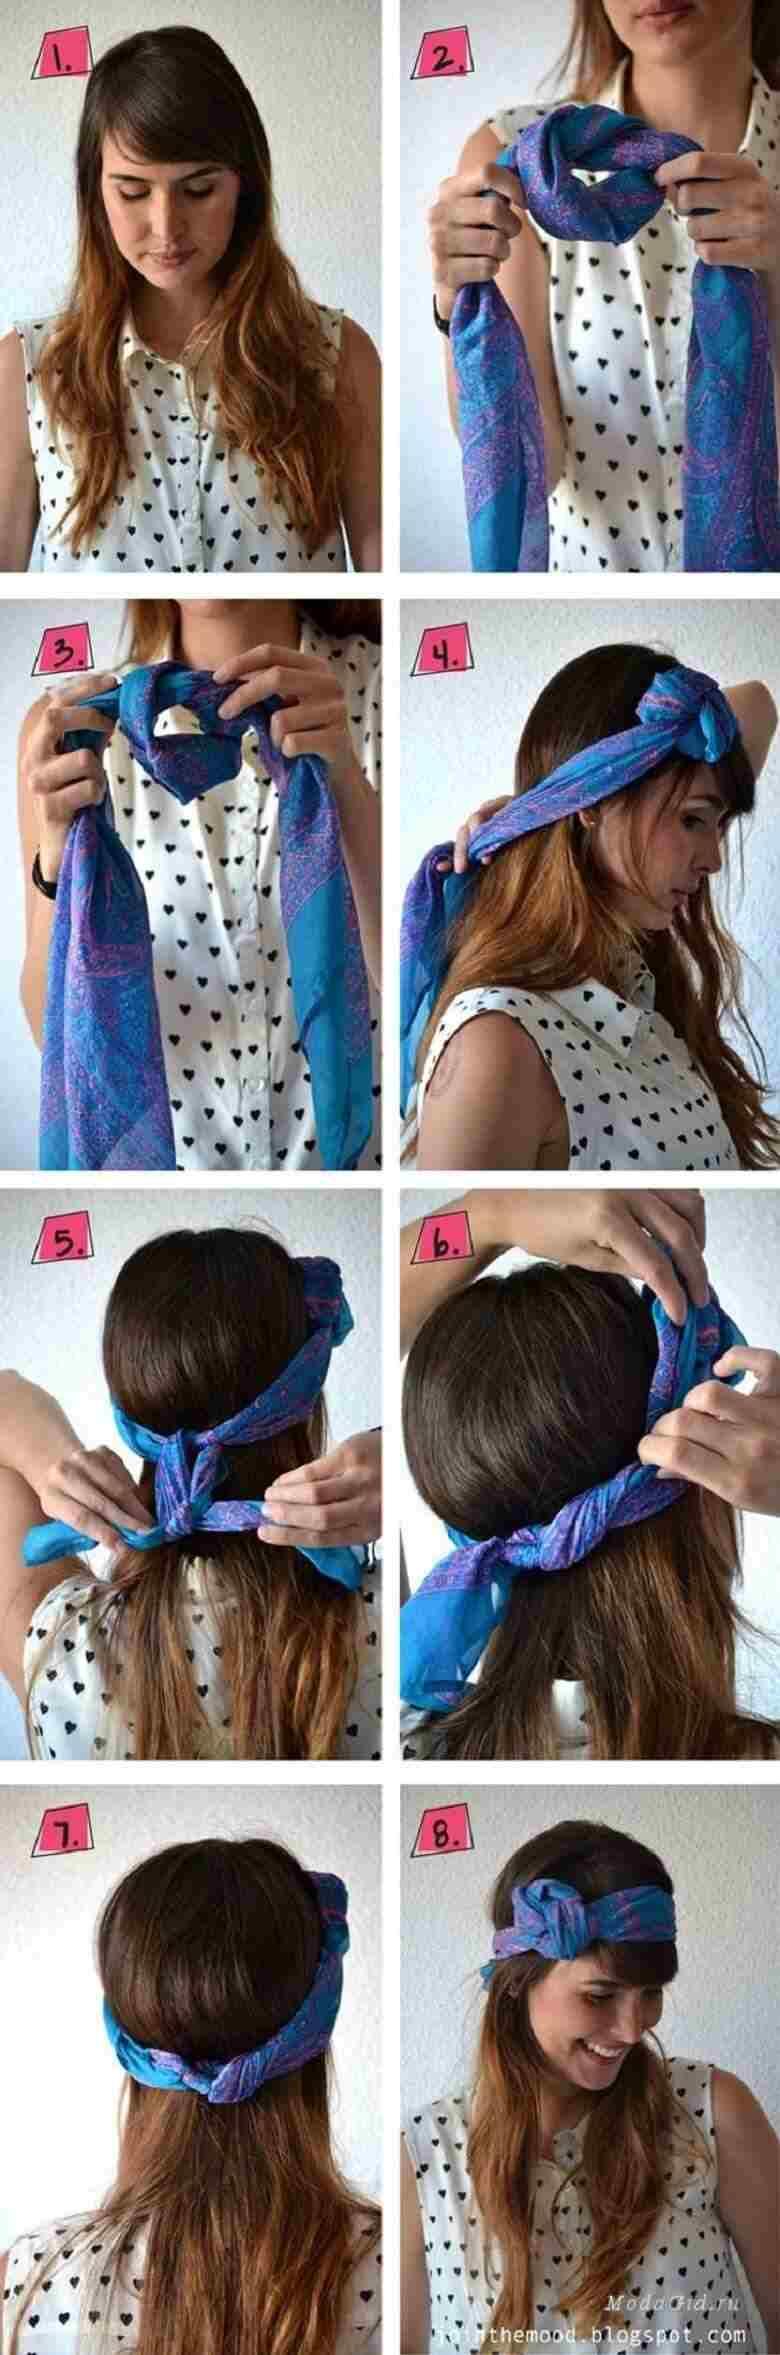 آموزش بستن روسری,بستن روسری,بستن روسری بزرگ,